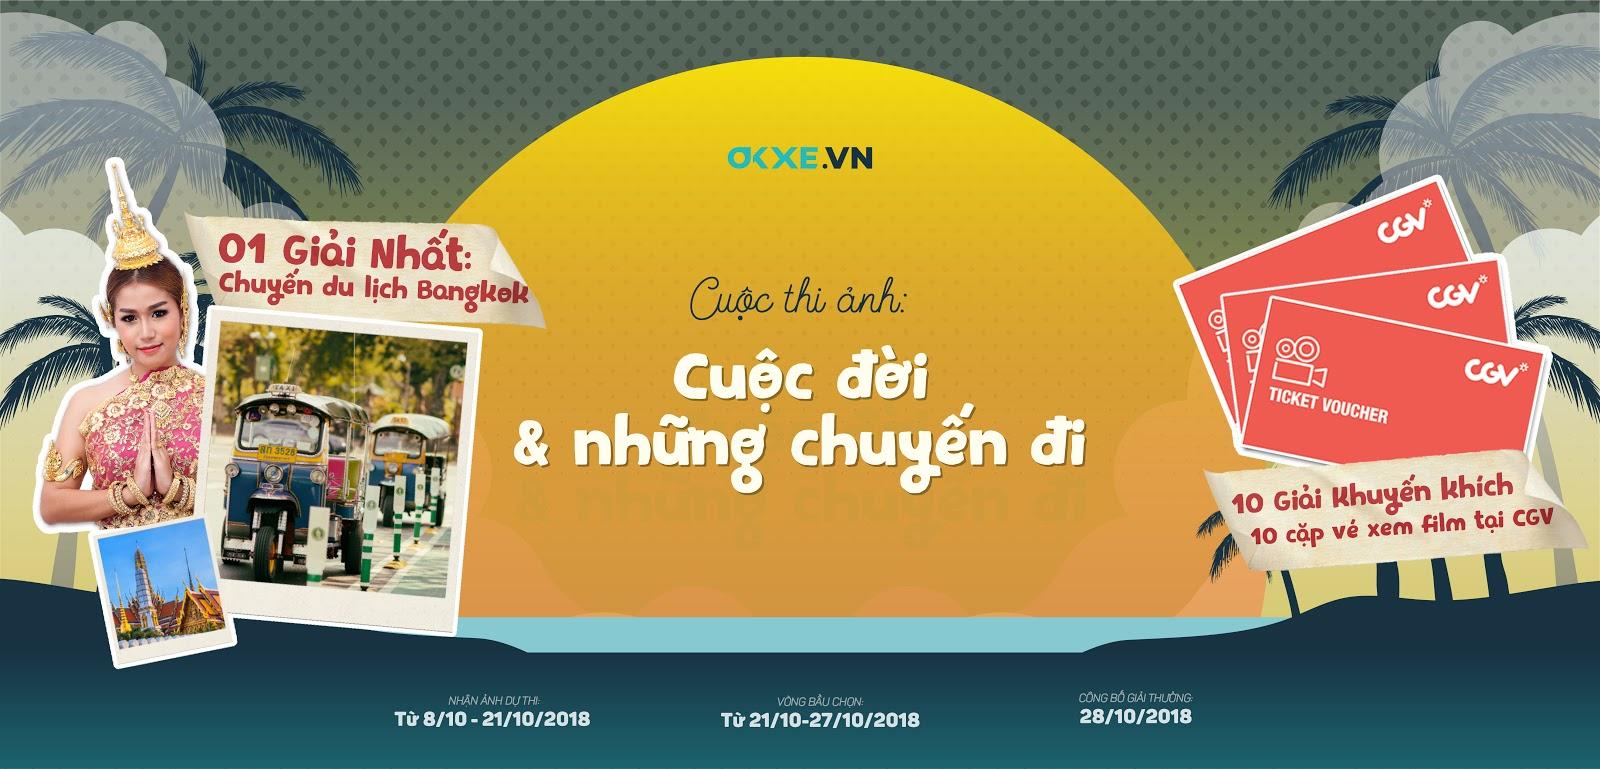 Tham gia cuộc thi ảnh cực chất cùng OKXE và rinh ngay chuyến du lịch Bangkok, Thái Lan - Ảnh 1.